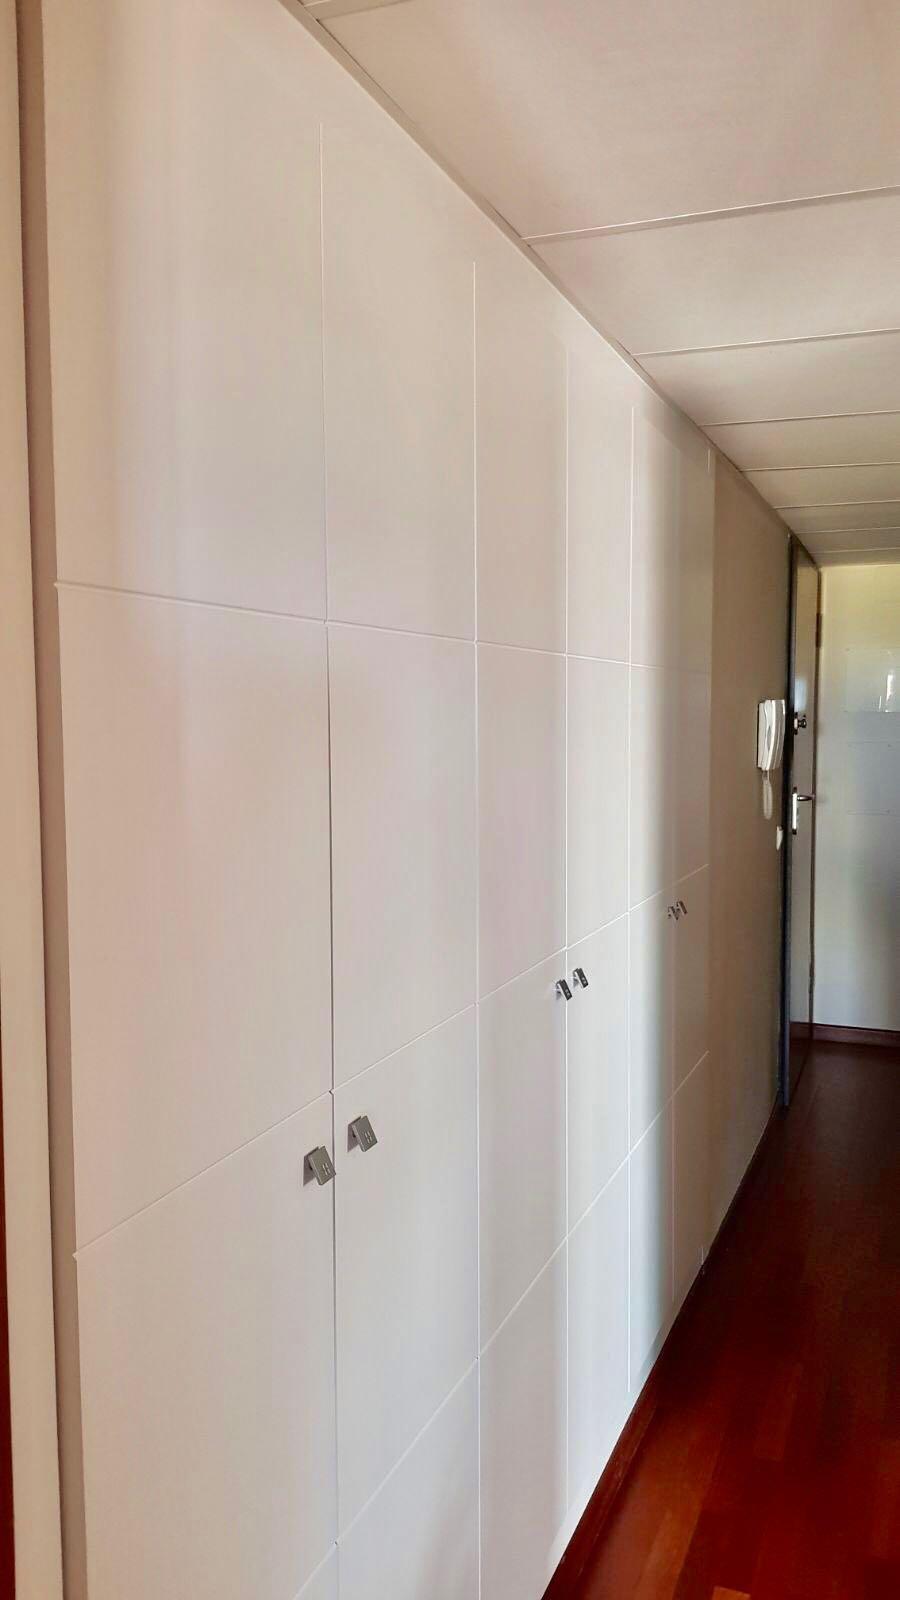 Armario Empotrado con Puertas Abatibles Blanco Pasillo Completo